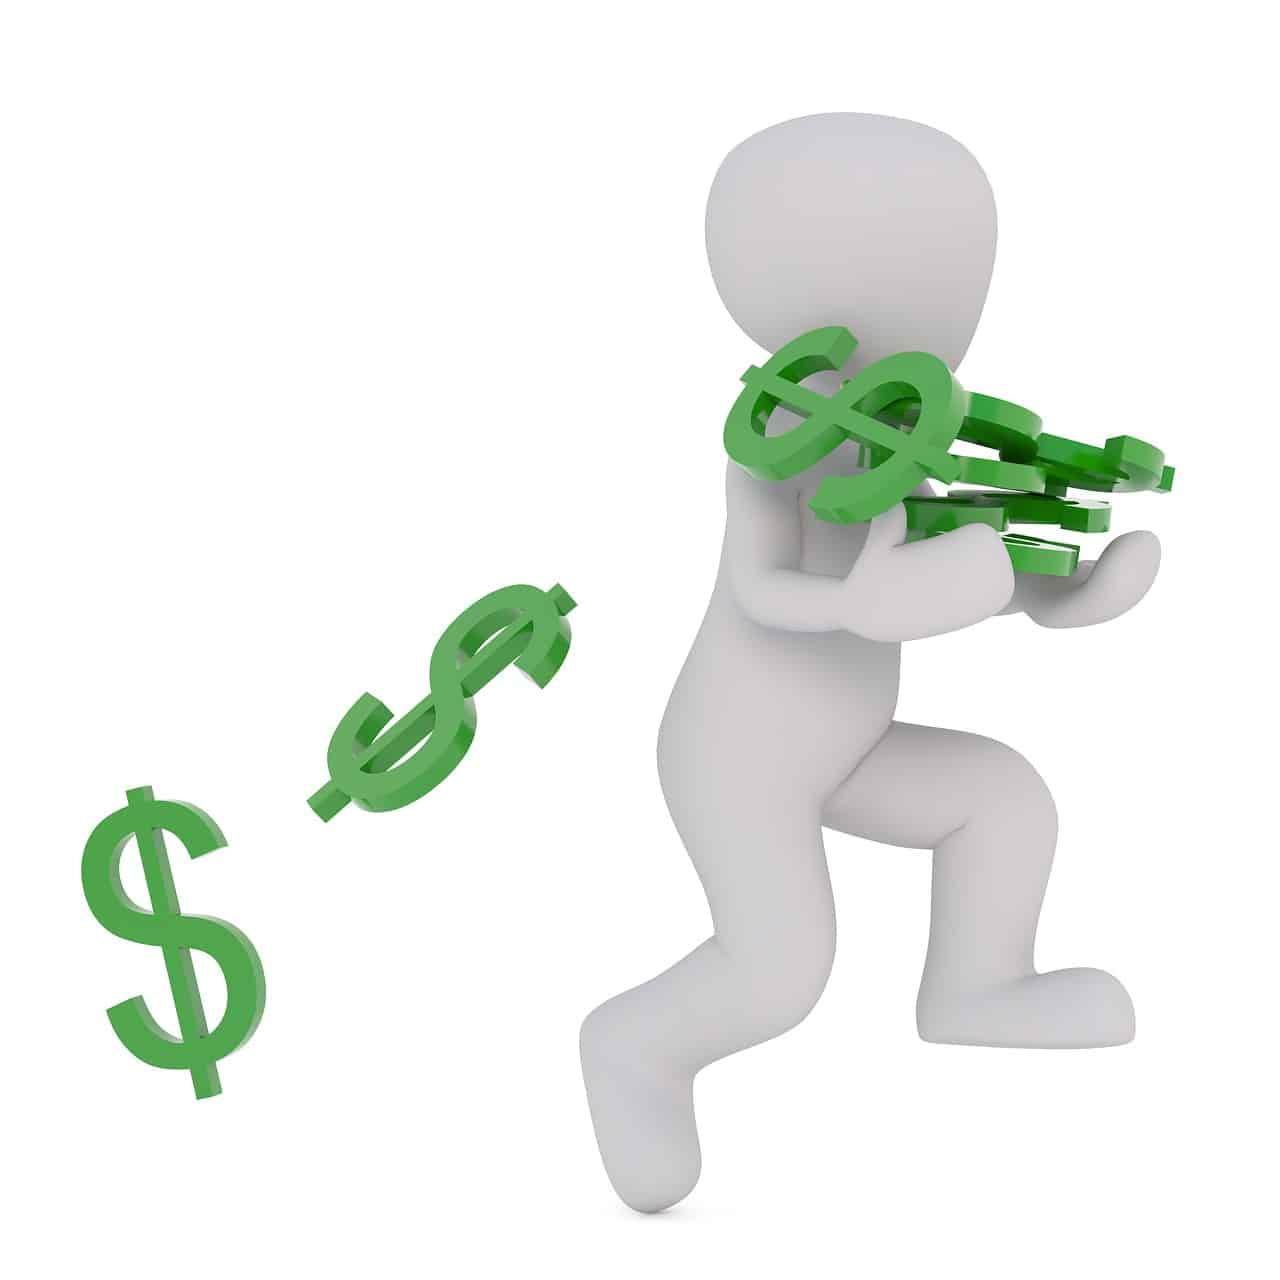 ATT Uverse Deals New Customer Savings